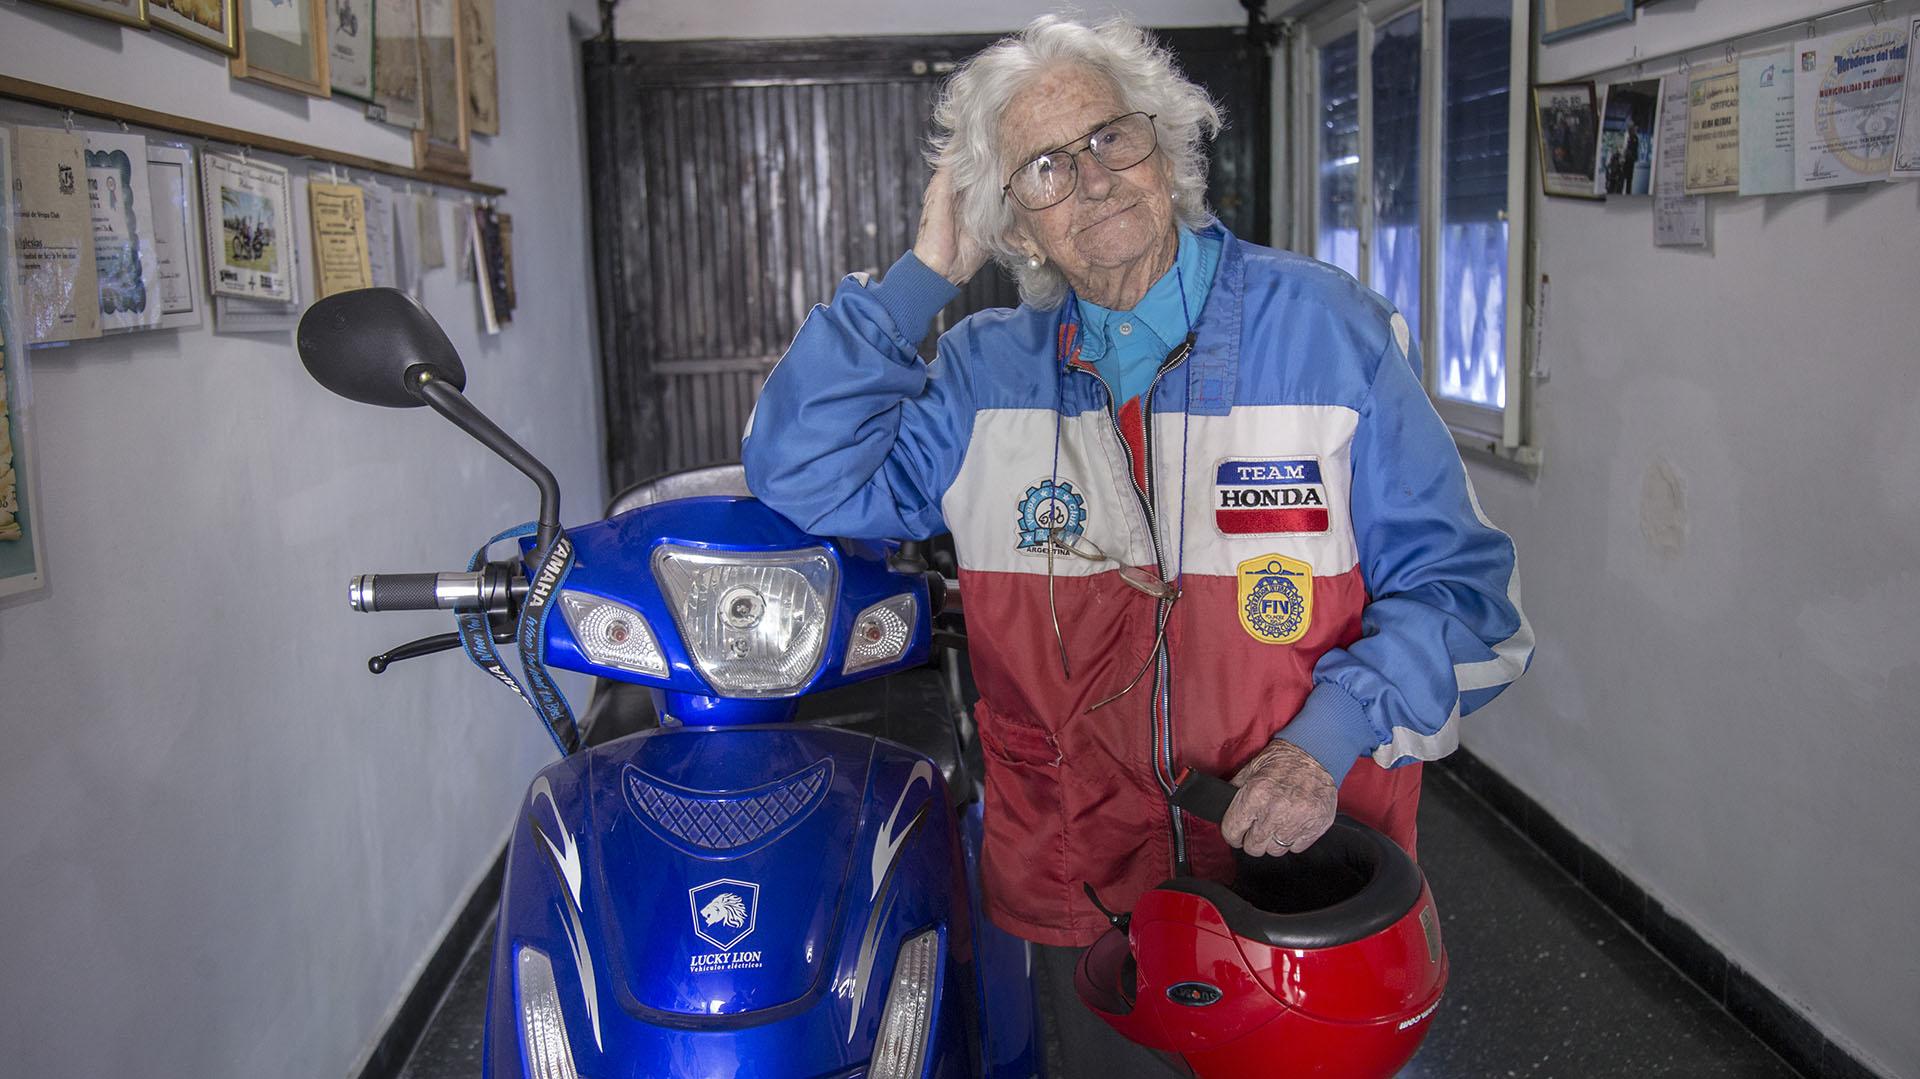 """Tiene 90 años, fue pionera en obtener el registro profesional y es musa de  La Renga: la vida de Nelly, la """"motoabuela"""" - Infobae"""